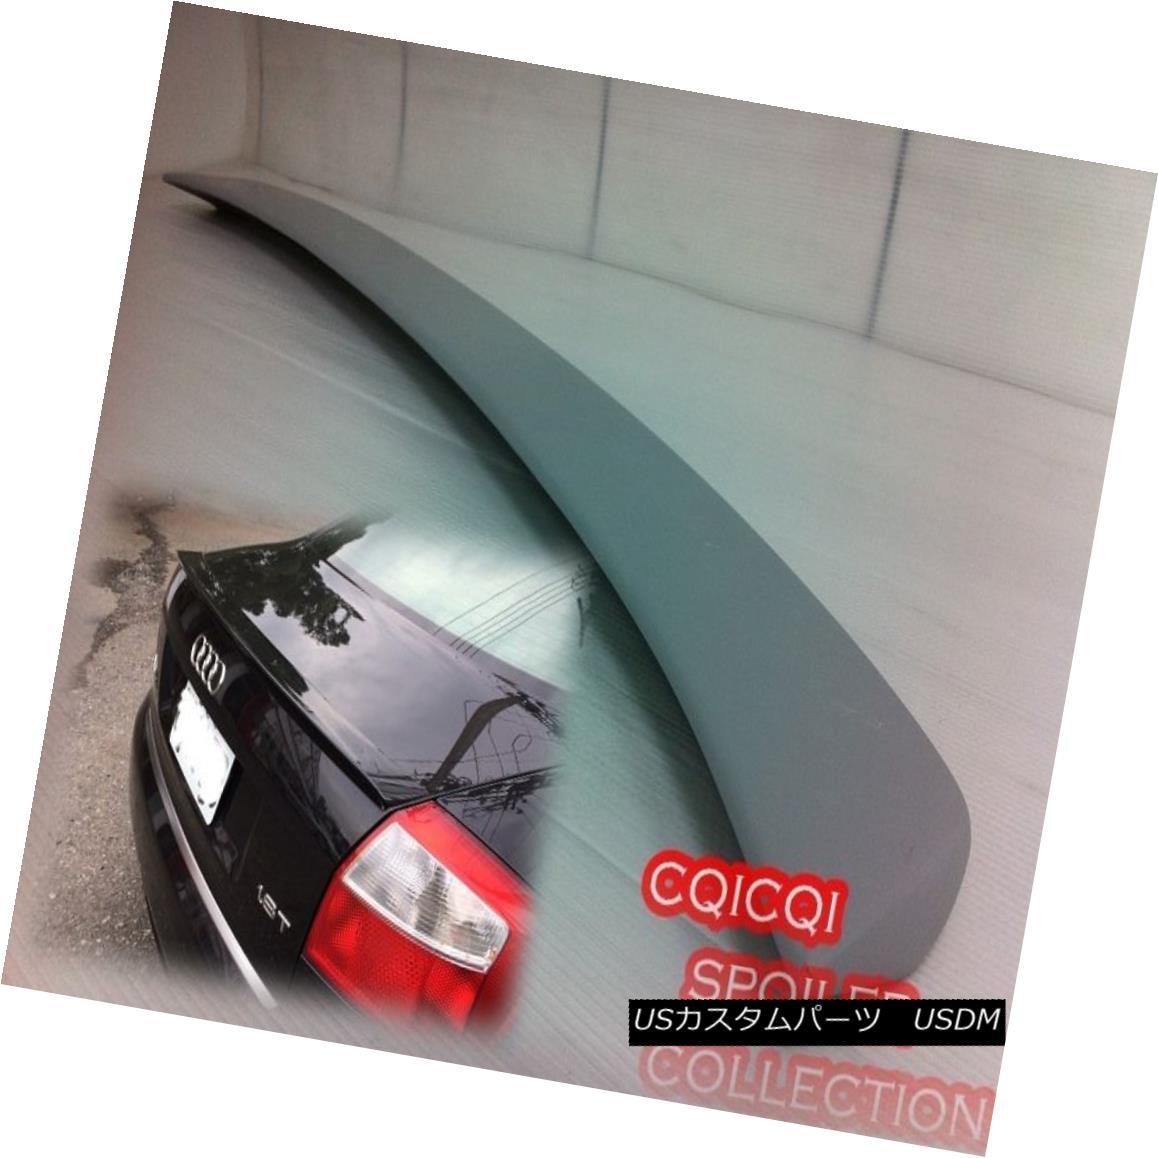 エアロパーツ Painted AUDI 02-05 A4 B6 ABT type trunk spoiler color:LX7Z Dolphin Gray ◎ ペイントされたAUDI 02-05 A4 B6 ABT型トランクスポイラーの色:LX7Zドルフィングレー?